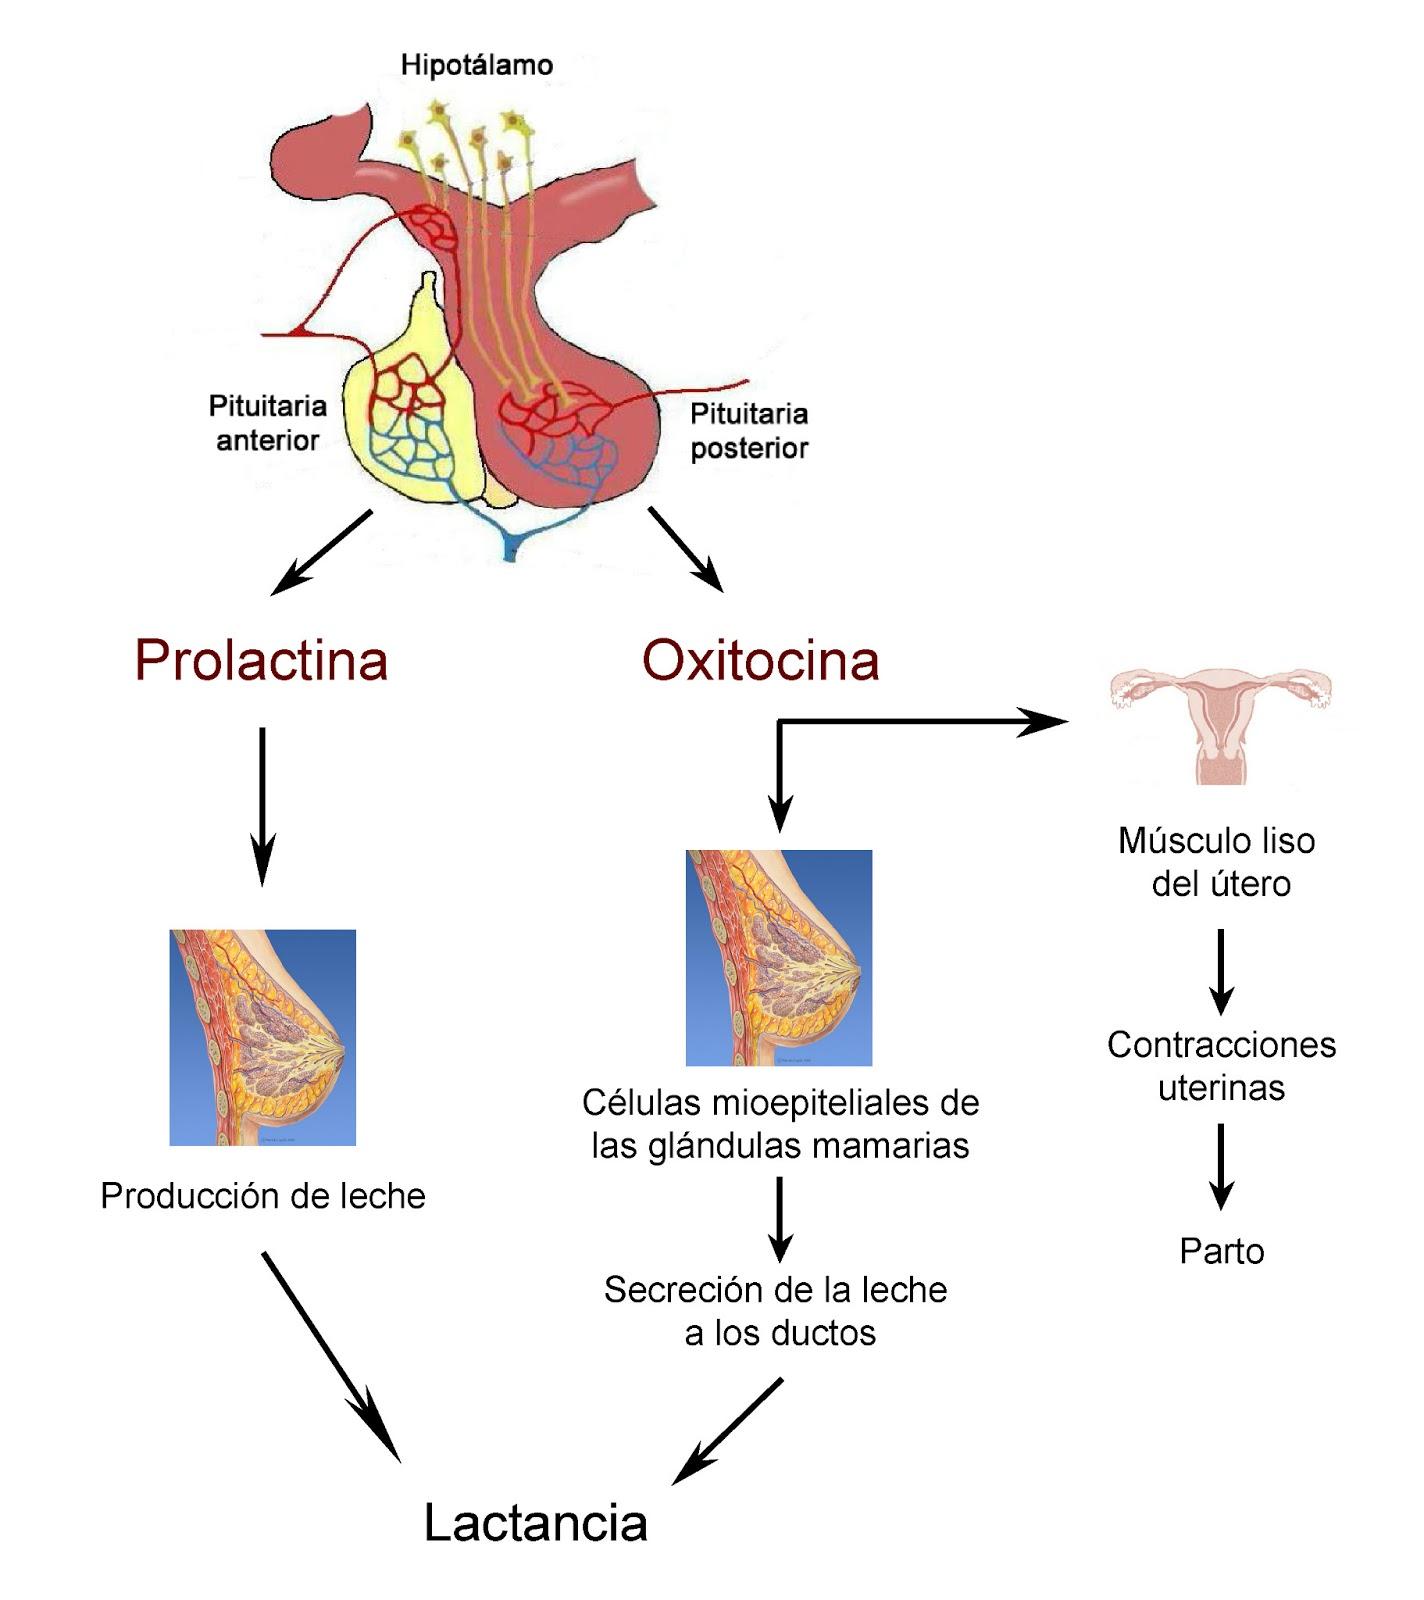 La prolactina y la oxitocina regulan la producción y la secreción de la leche materna